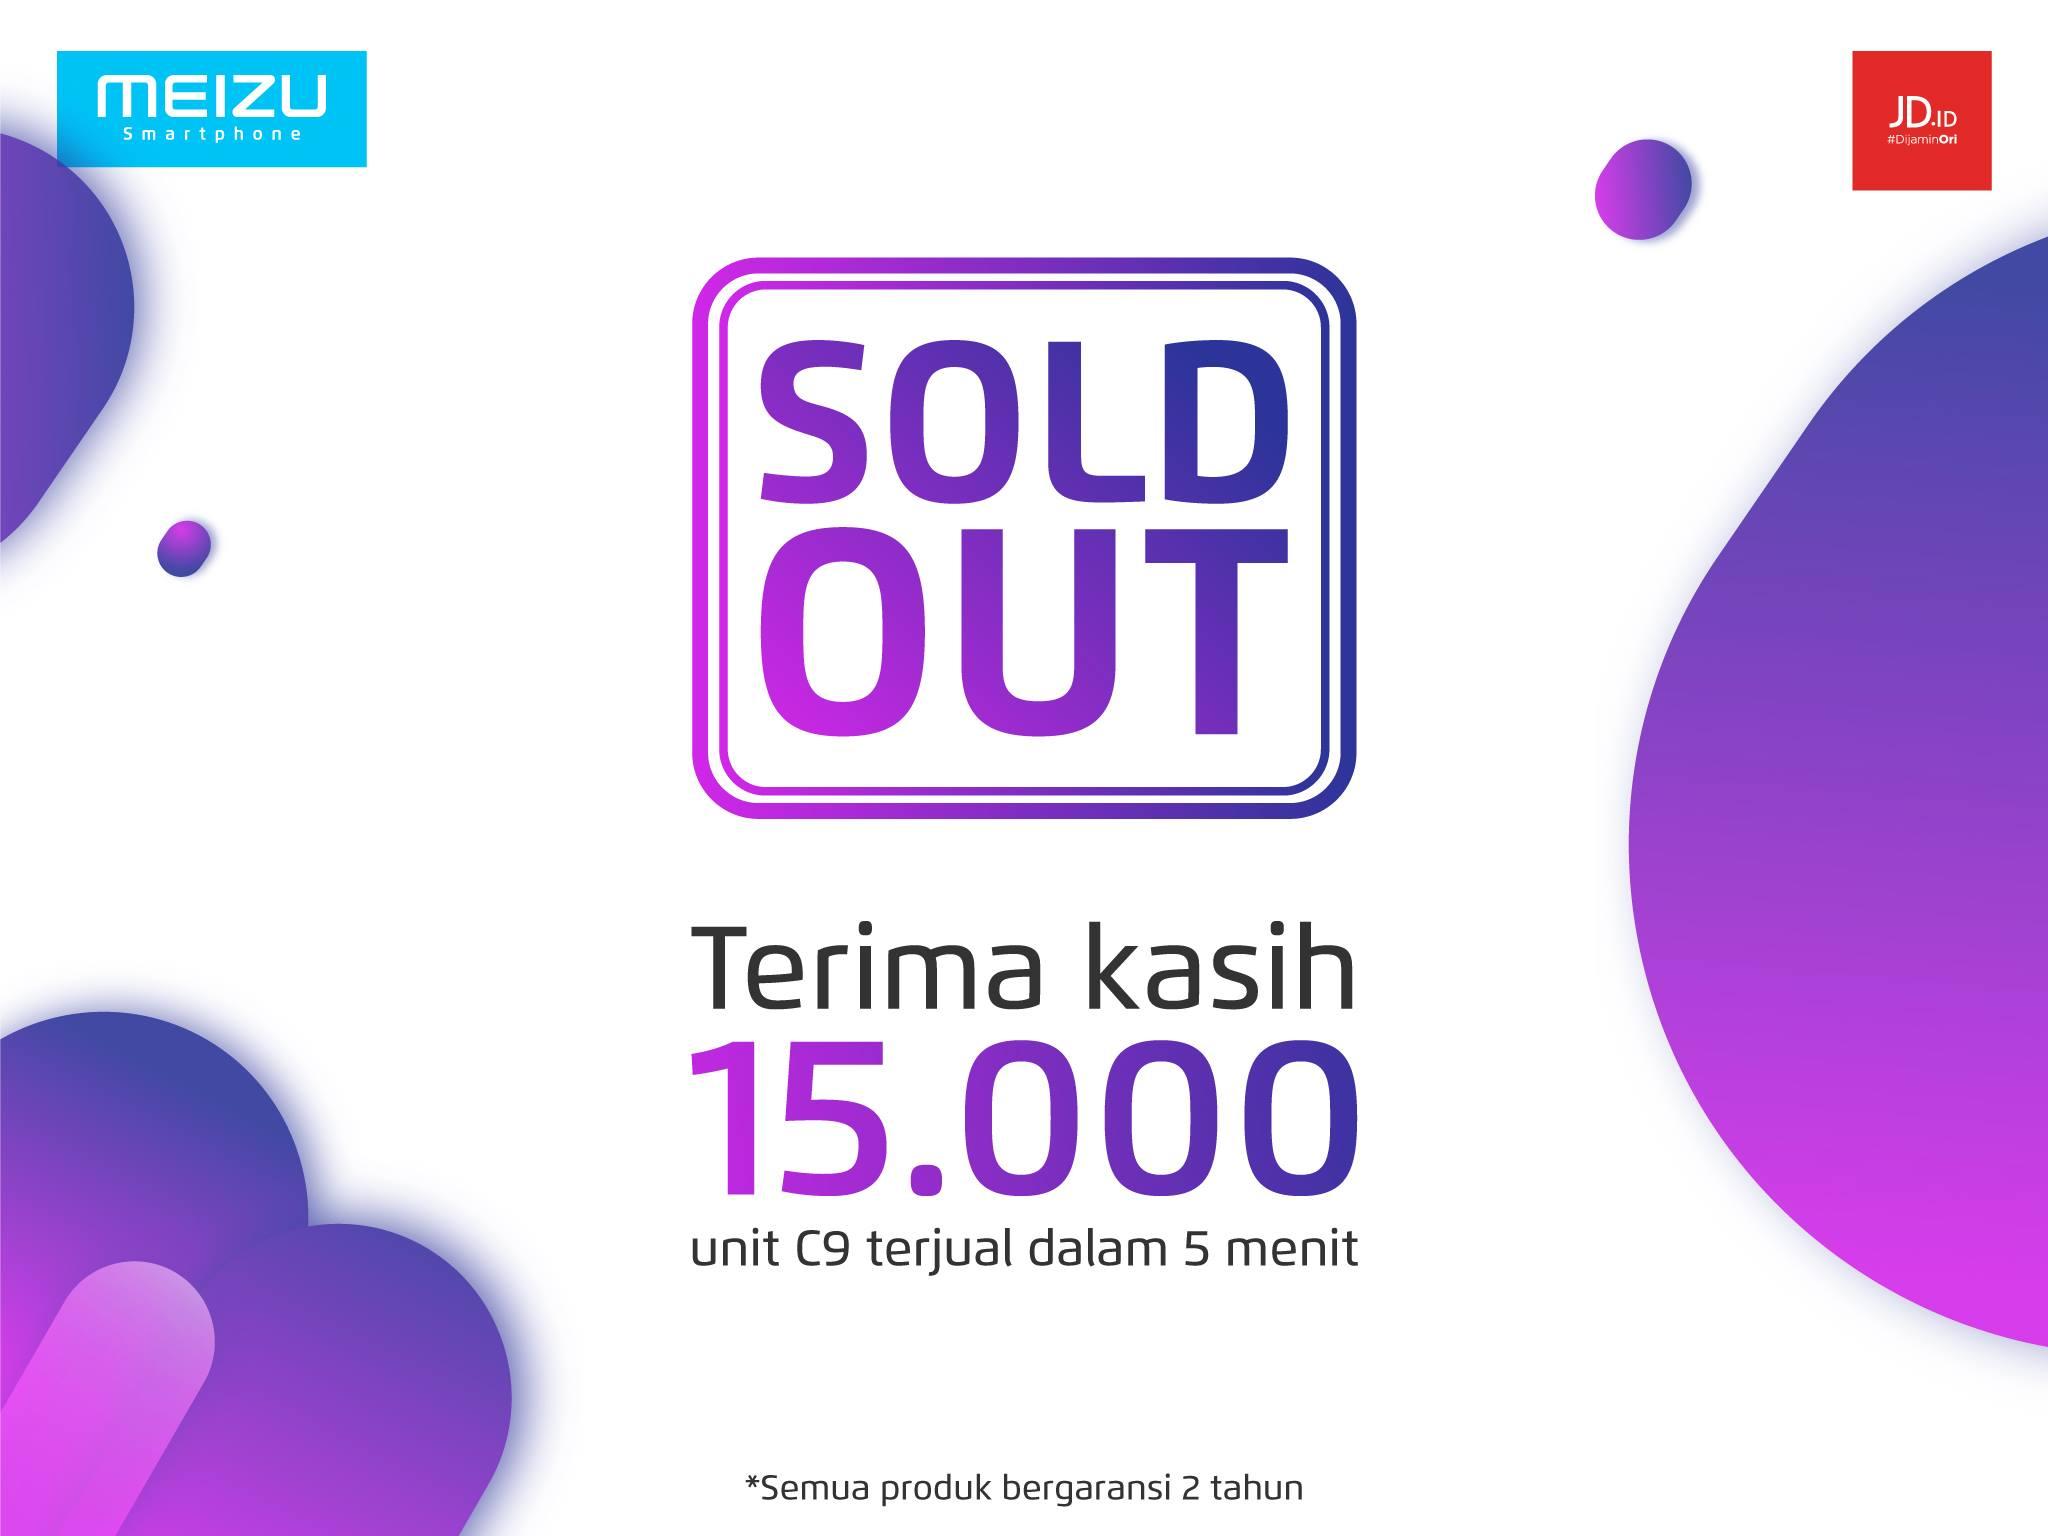 インドネシアで販売開始となったMeizu C9が5分で15,000台を販売